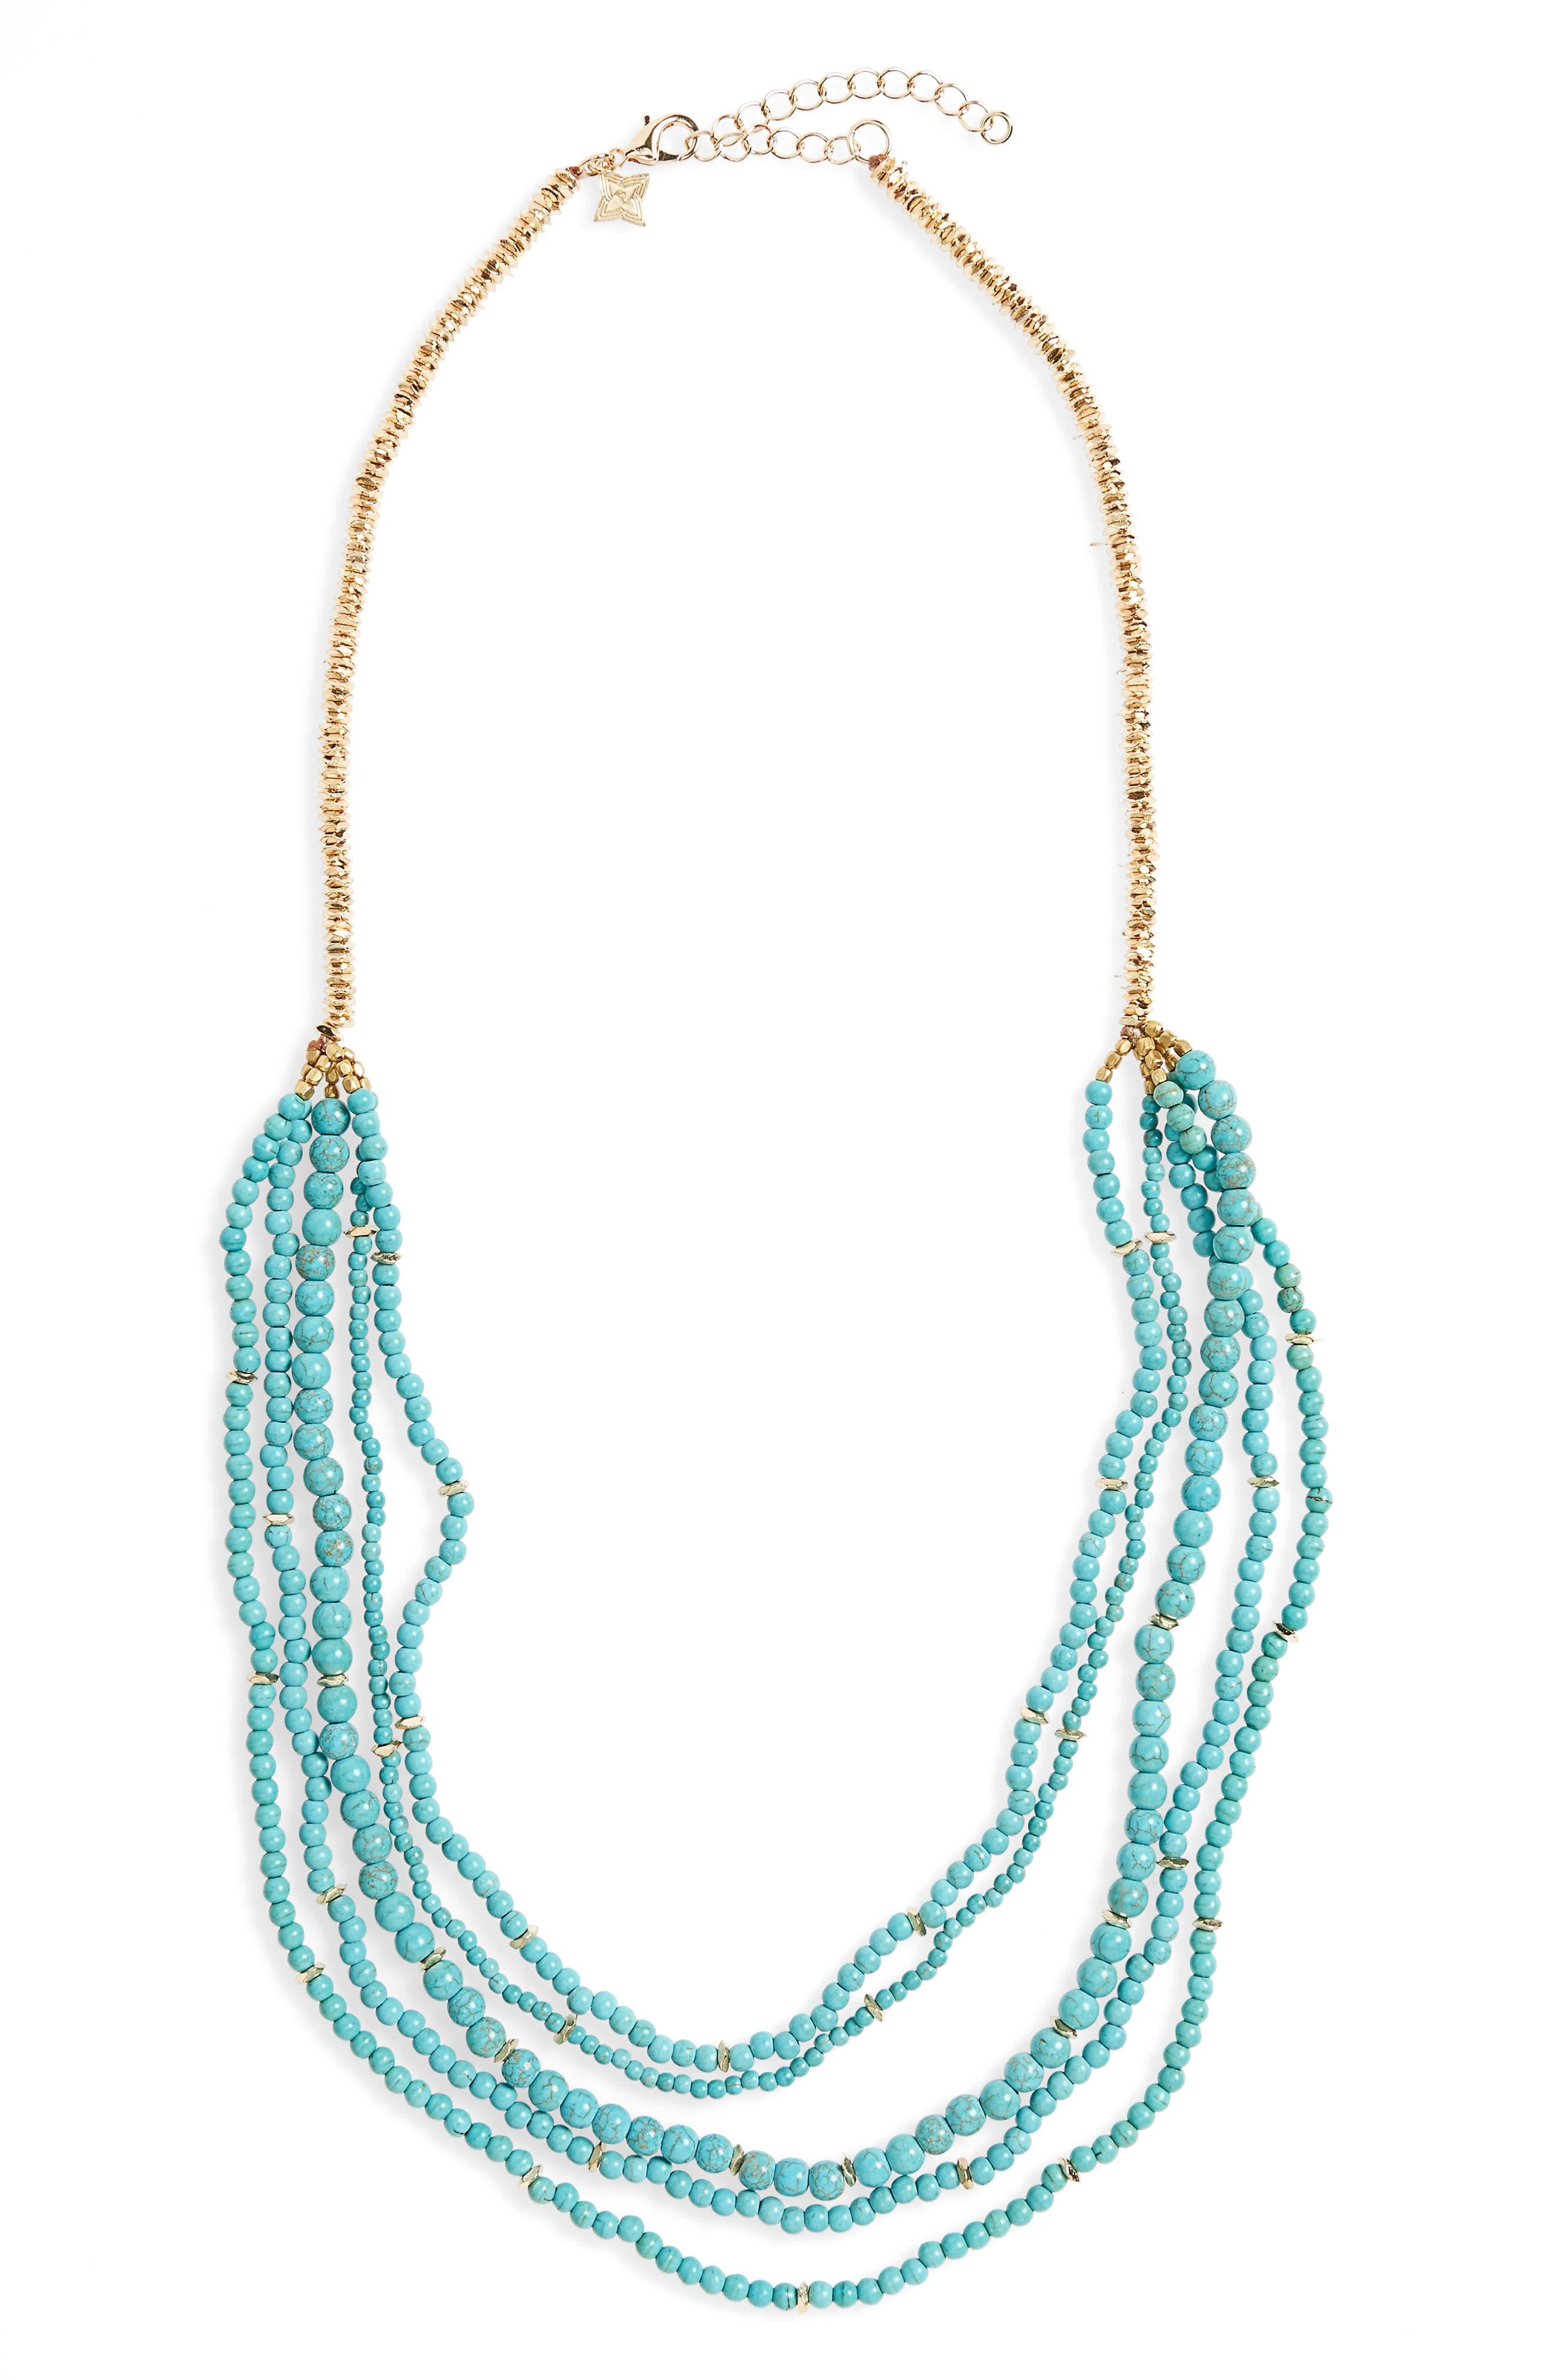 Howlite & Quartz Multistrand Necklace,                         Main,                         color, Turquoise